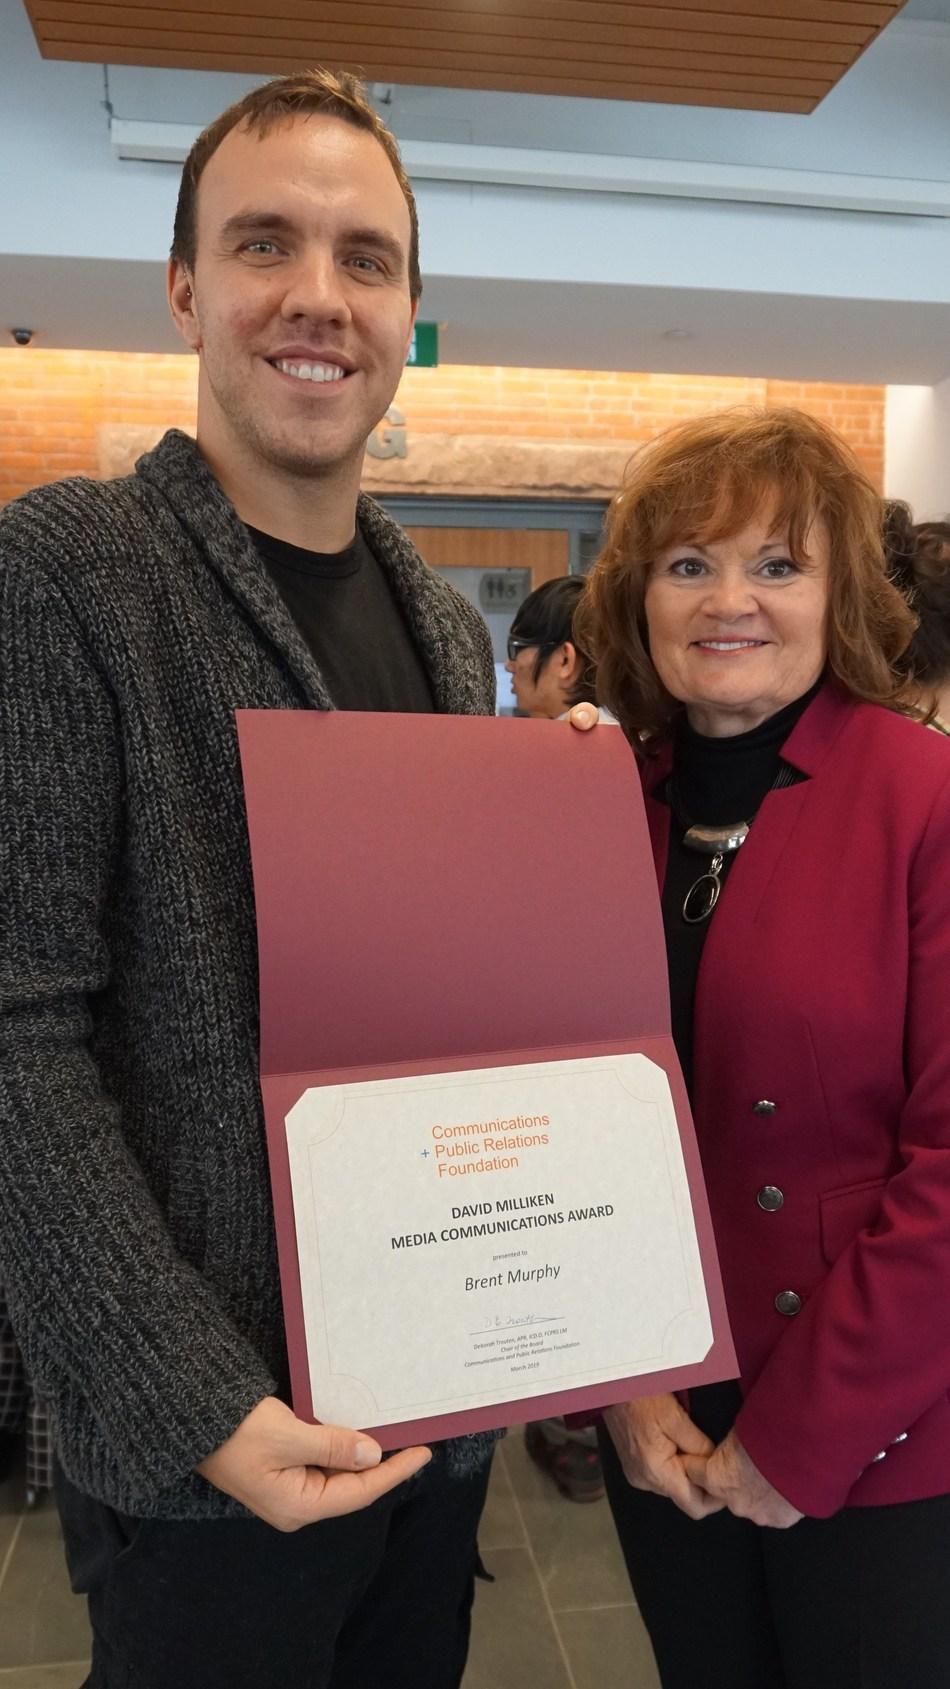 Brent Murphy reçoit le Prix David Milliken de communications avec les médias 2019 de Deborah Trouten, ARP, FSCRP LM, présidente de la Fondation des Communications + relations publiques. (Groupe CNW/la Fondation des communications et des relations publiques)